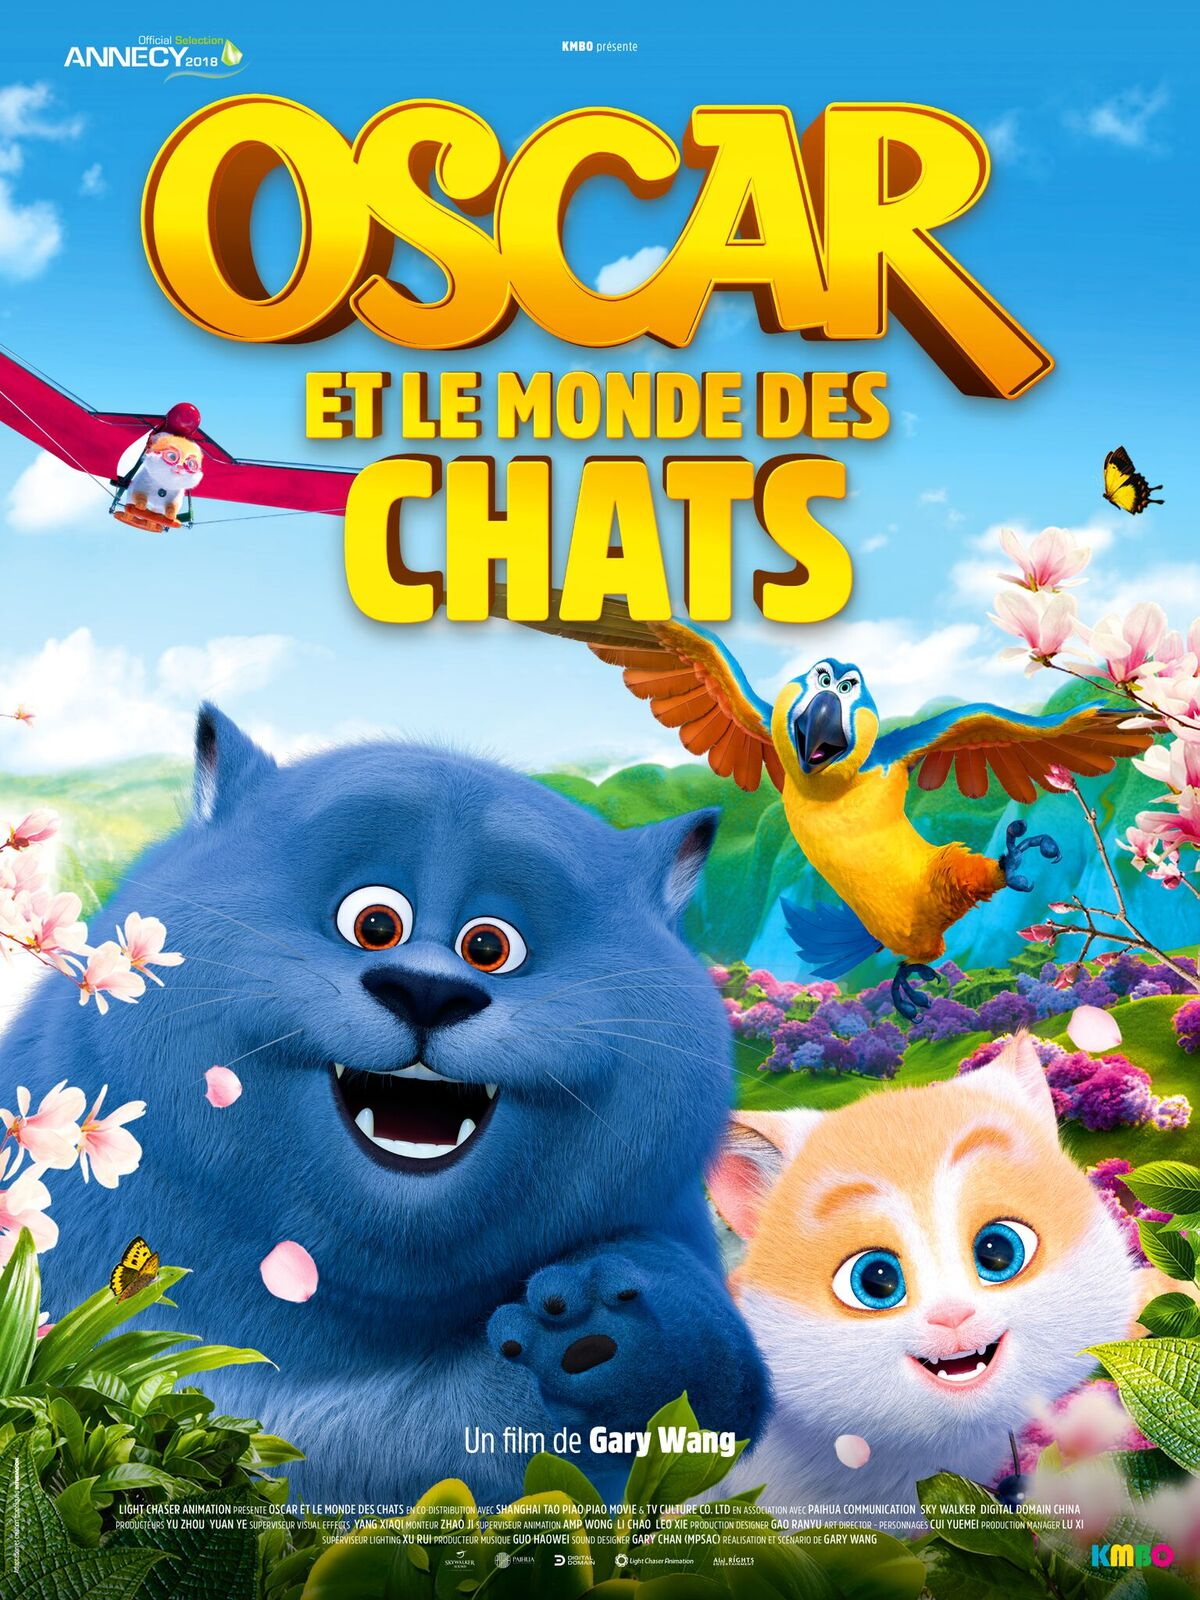 oscar_et_le_monde_des_chats